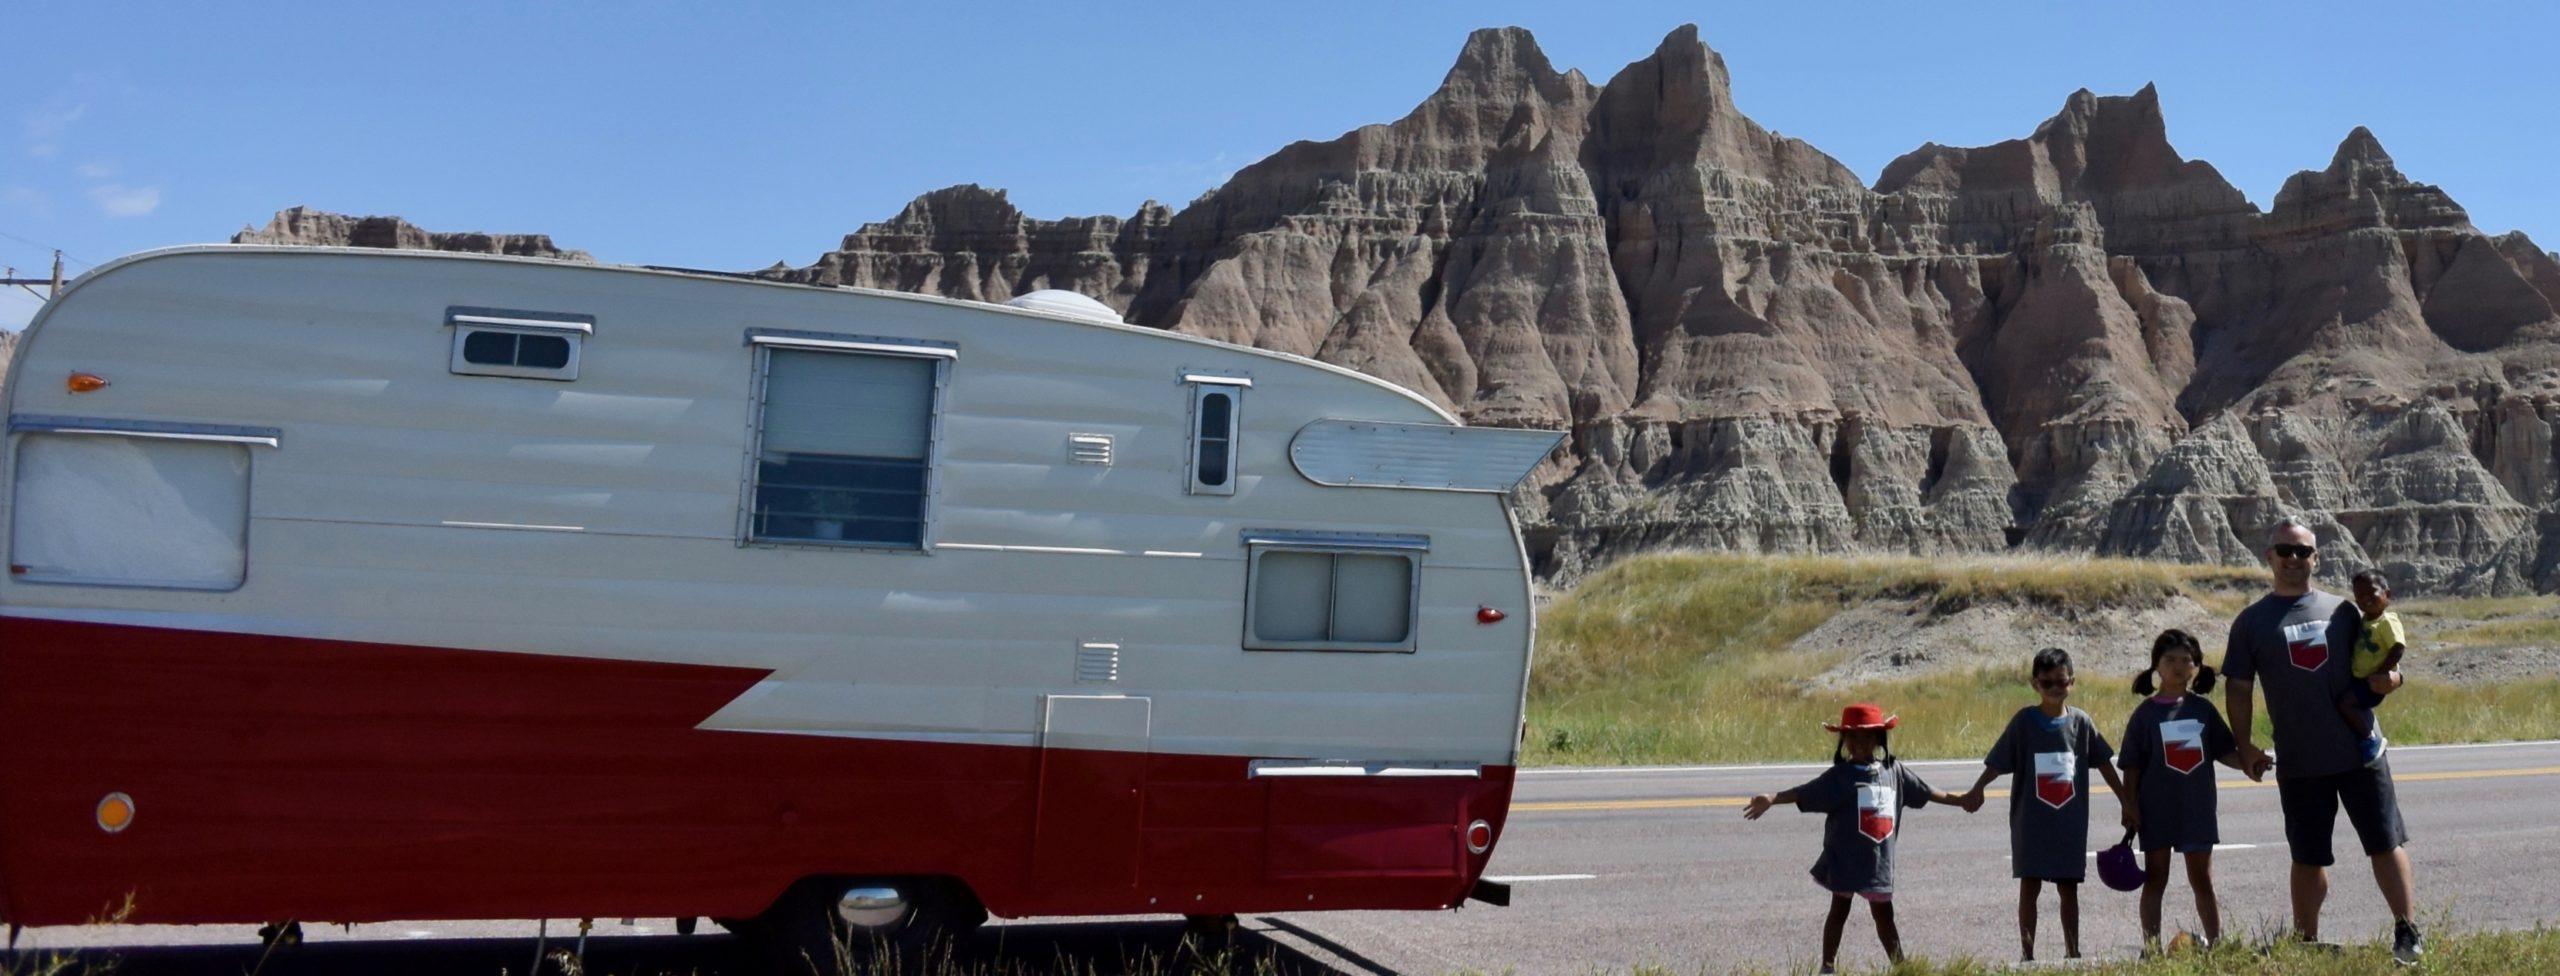 Shana-in-Badlands-South-Dakota